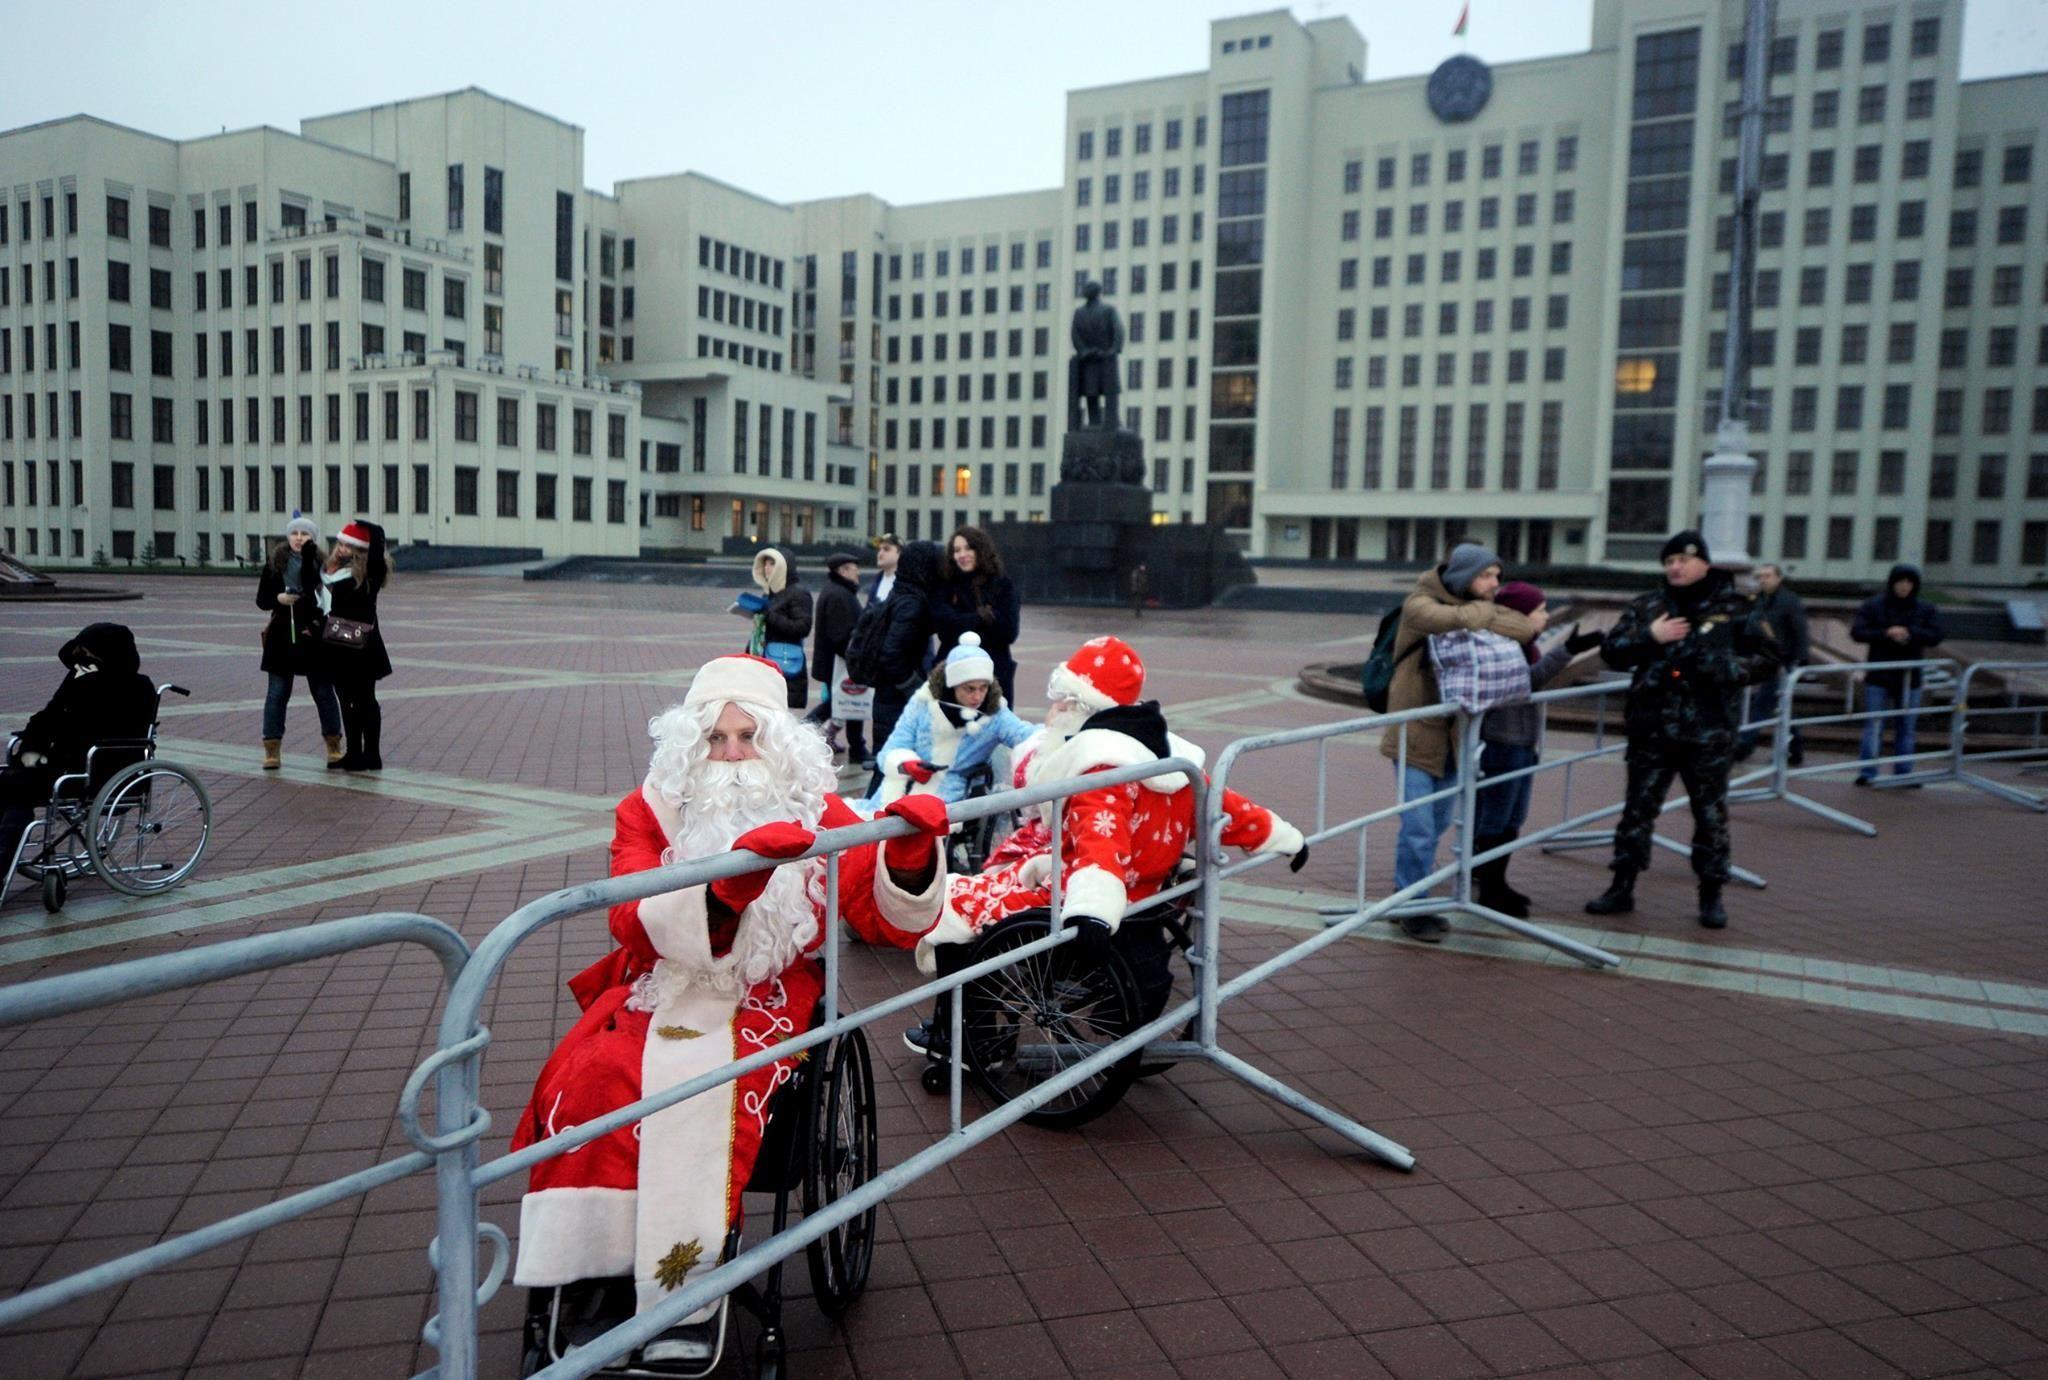 В Мингорисполкоме рассказали, почему на шествие не попали Деды Морозы и Снегурочки в колясках